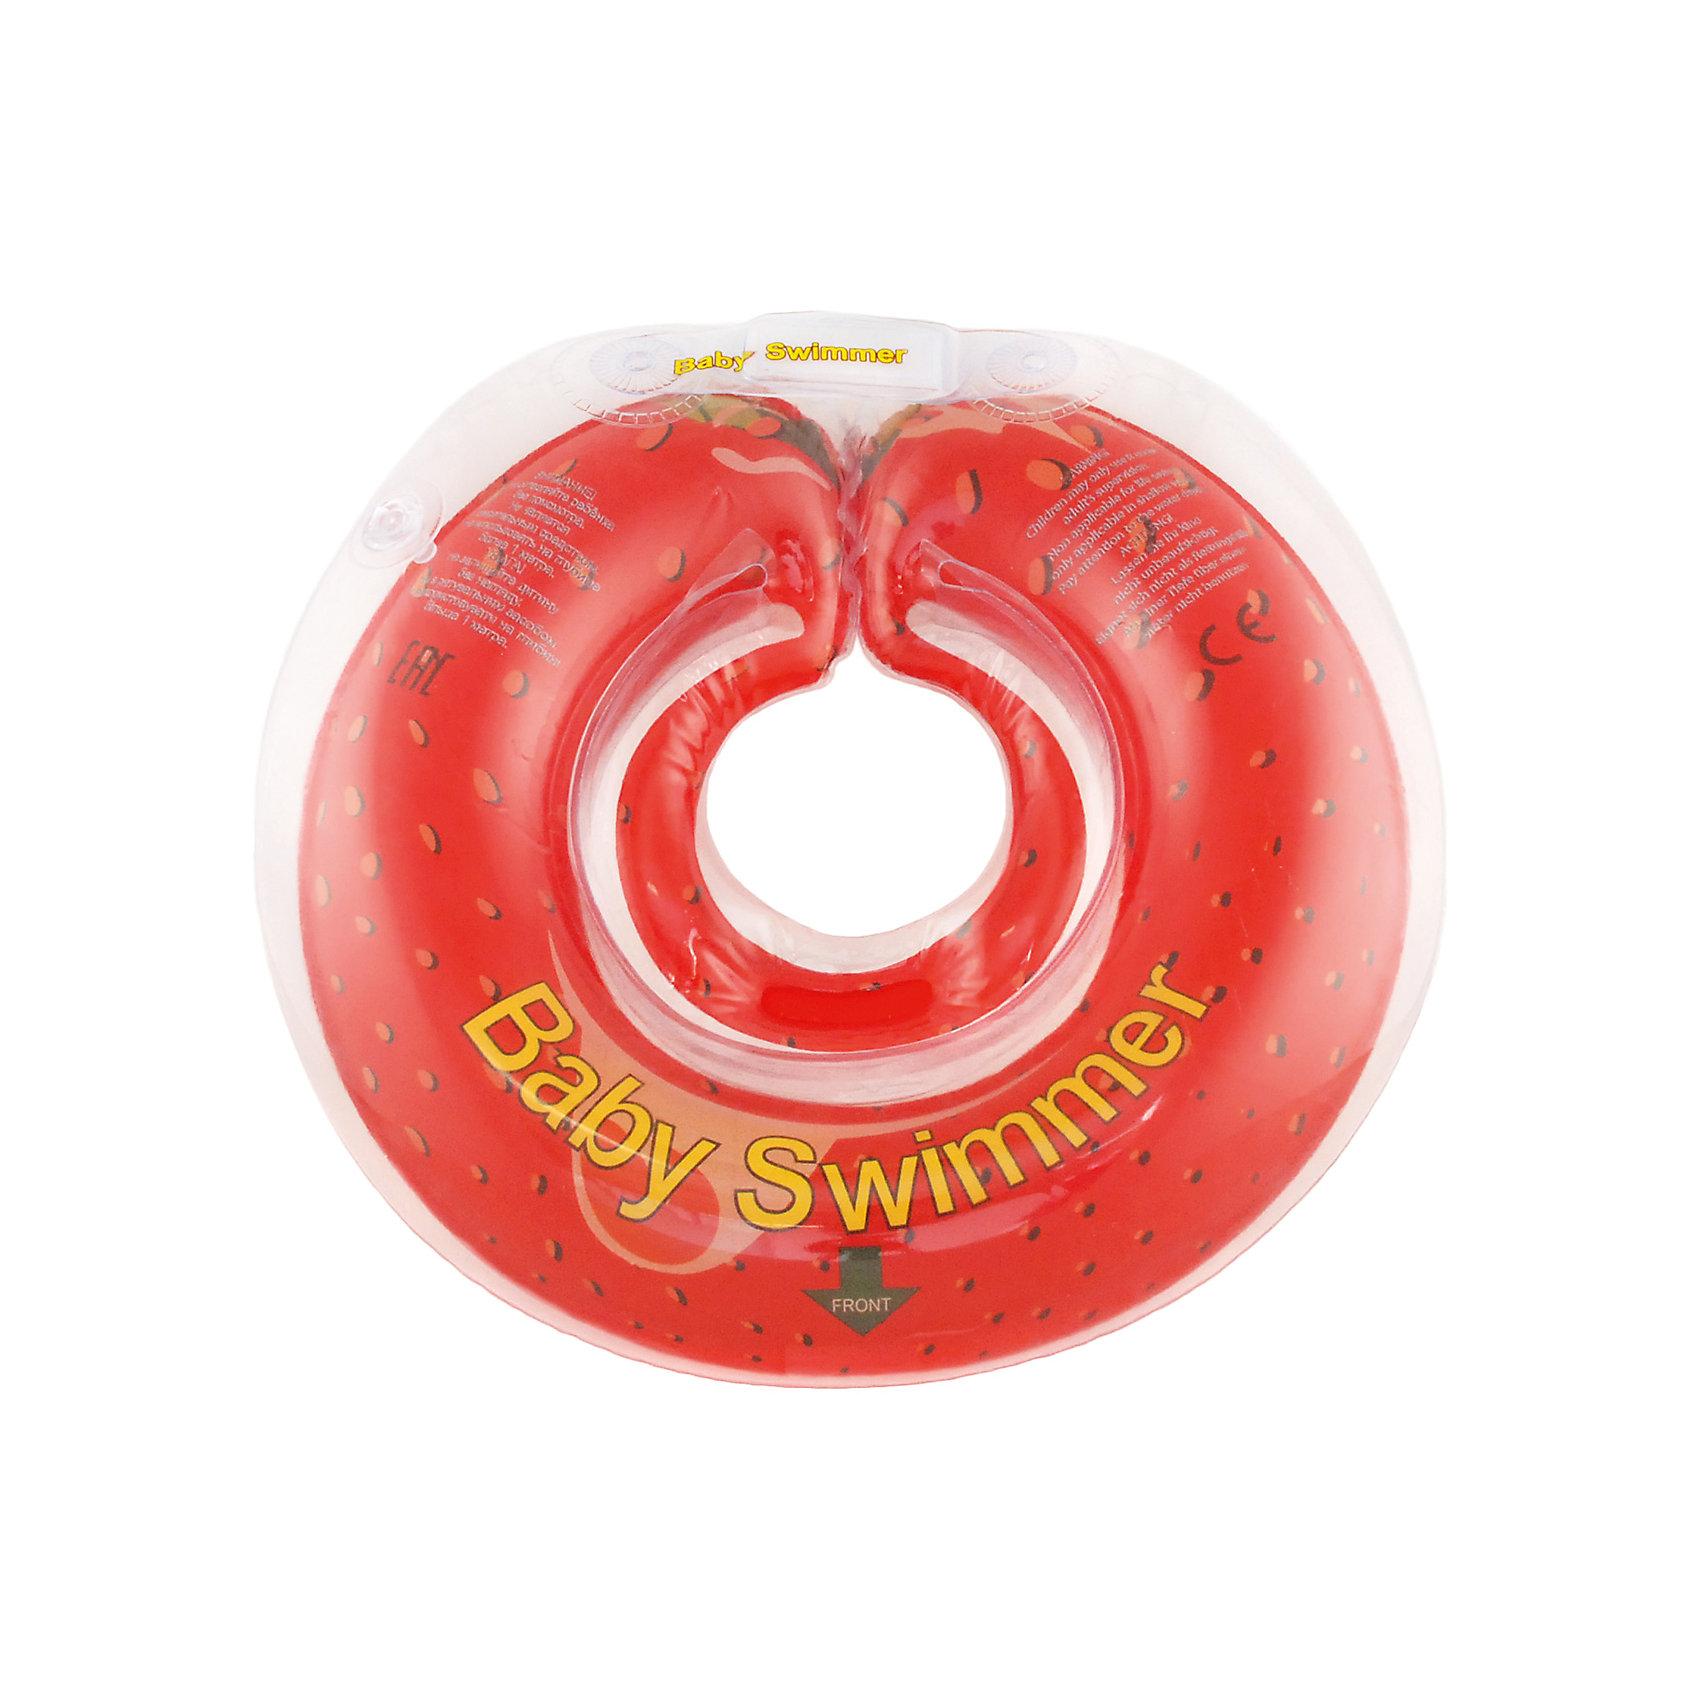 Круг для купания Клубничка BabySwimmer, красныйКруги для купания малыша<br>Круг в виде клубнички – прекрасная альтернатива стандартной форме. Круг для купания Baby Swimmer  с оригинальной расцветкой обеспечит безопасность купания малыша, избавит от страха воды и сделает водные процедуры веселой игрой. У круга есть устройство, поддерживающее подбородок, что позволит избежать проглатывание воды малышом. У круга яркие цвета, необычный дизайн и веселые картинки по бокам, которые понравится всем детям. Все материалы, использованные при разработке и изготовлении круга для купания безопасны для использования, отвечают всем требованиям экологичности и качества детских товаров, а так же гипоаллергенны.<br><br>Дополнительная информация:<br><br>модель: Baby Swimmer;<br>цвет: красный.<br><br>Круг для купания Baby Swimmer можно приобрести в нашем магазине.<br><br>Ширина мм: 140<br>Глубина мм: 20<br>Высота мм: 180<br>Вес г: 160<br>Возраст от месяцев: 6<br>Возраст до месяцев: 36<br>Пол: Унисекс<br>Возраст: Детский<br>SKU: 4968109